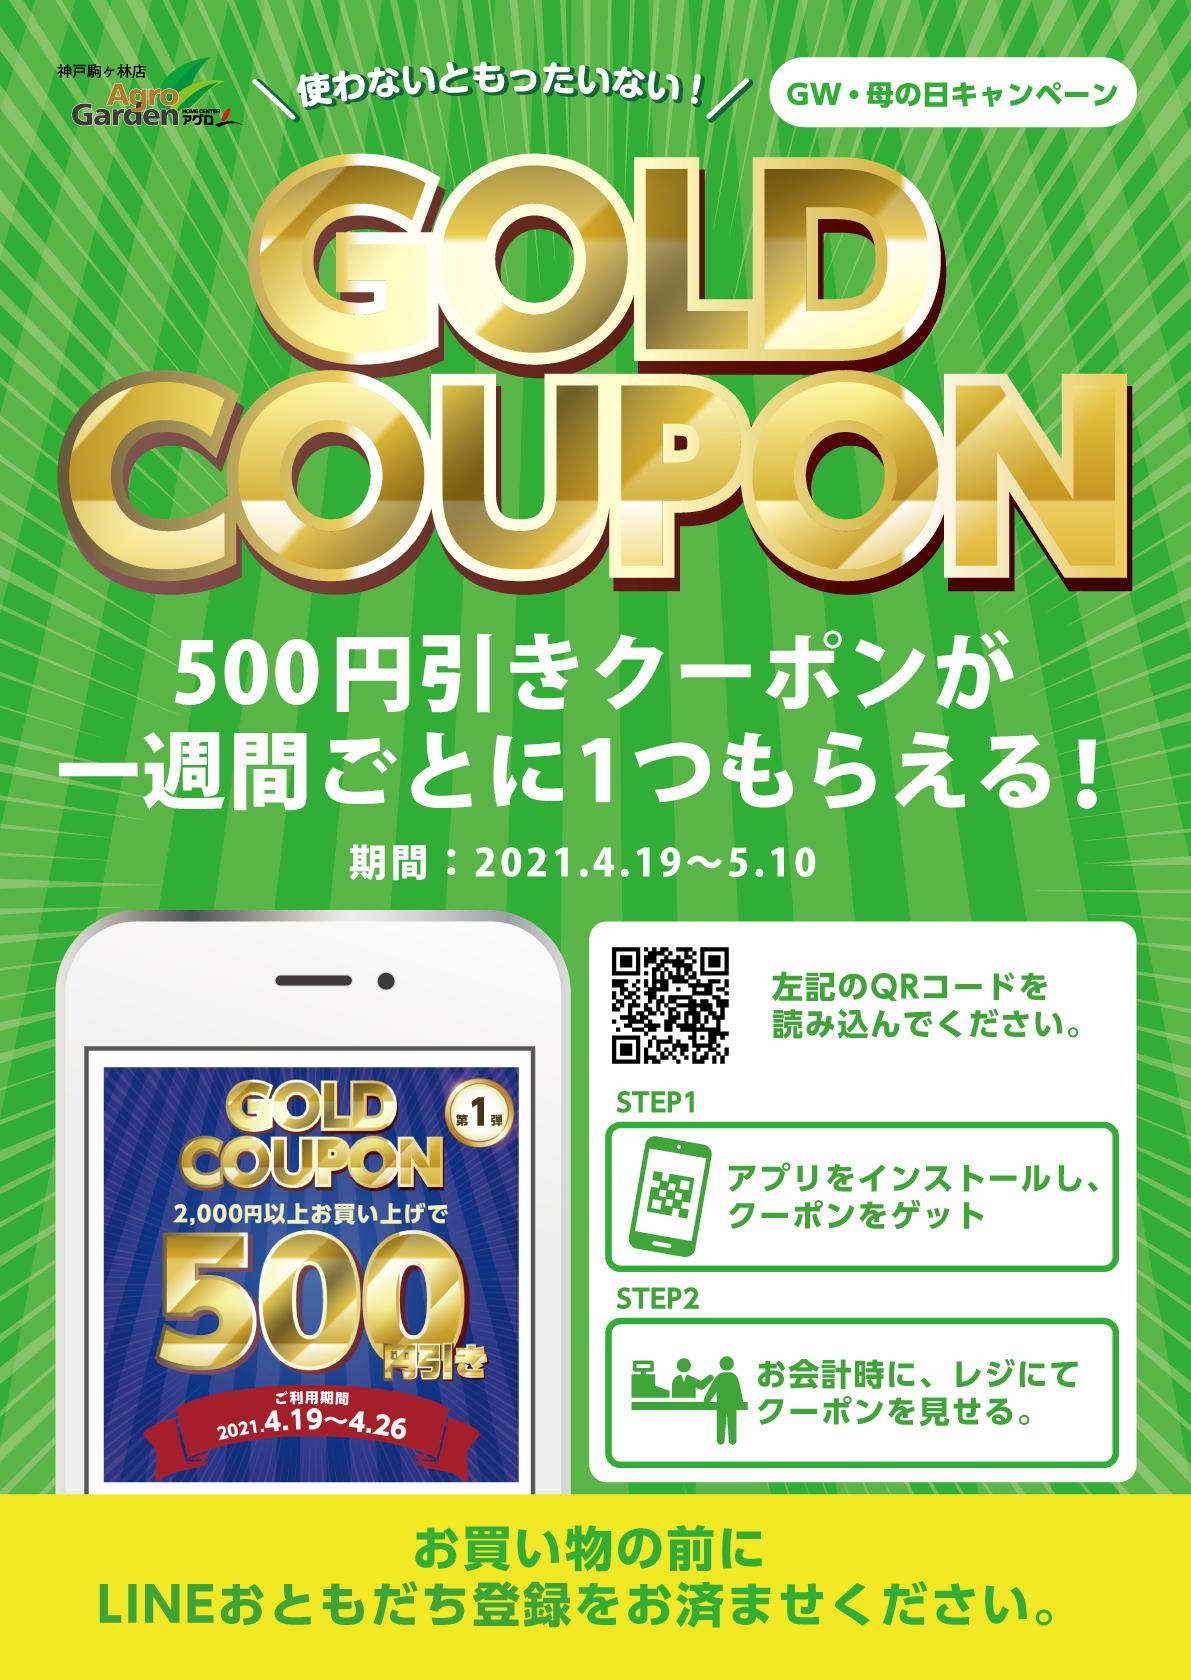 GOLD COUPON